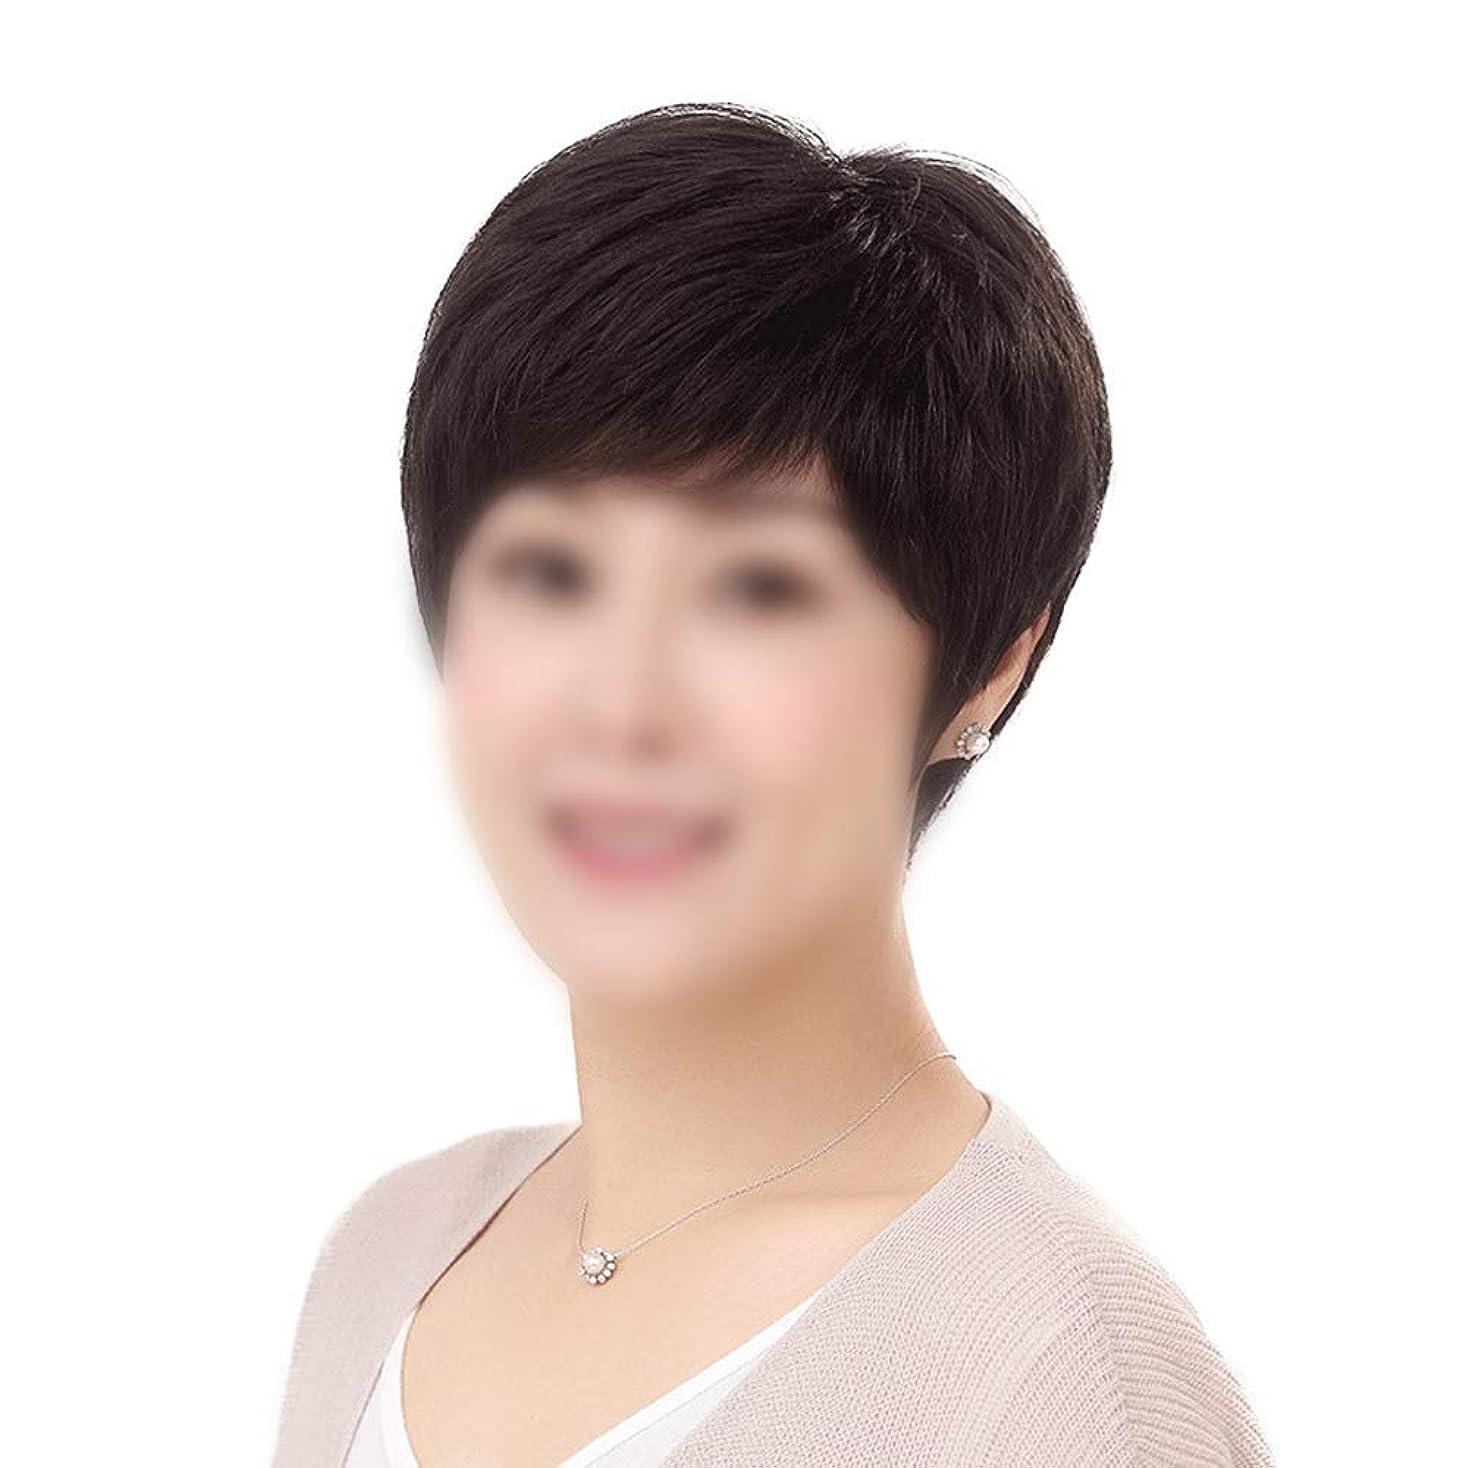 レギュラーごみ生き返らせるYAHONGOE 女性のためのリアルヘアショートカーリーヘアーミドルとオールドウィッグ母デイリーウェアファッションウィッグ (色 : Dark brown, Design : Hand-woven heart)